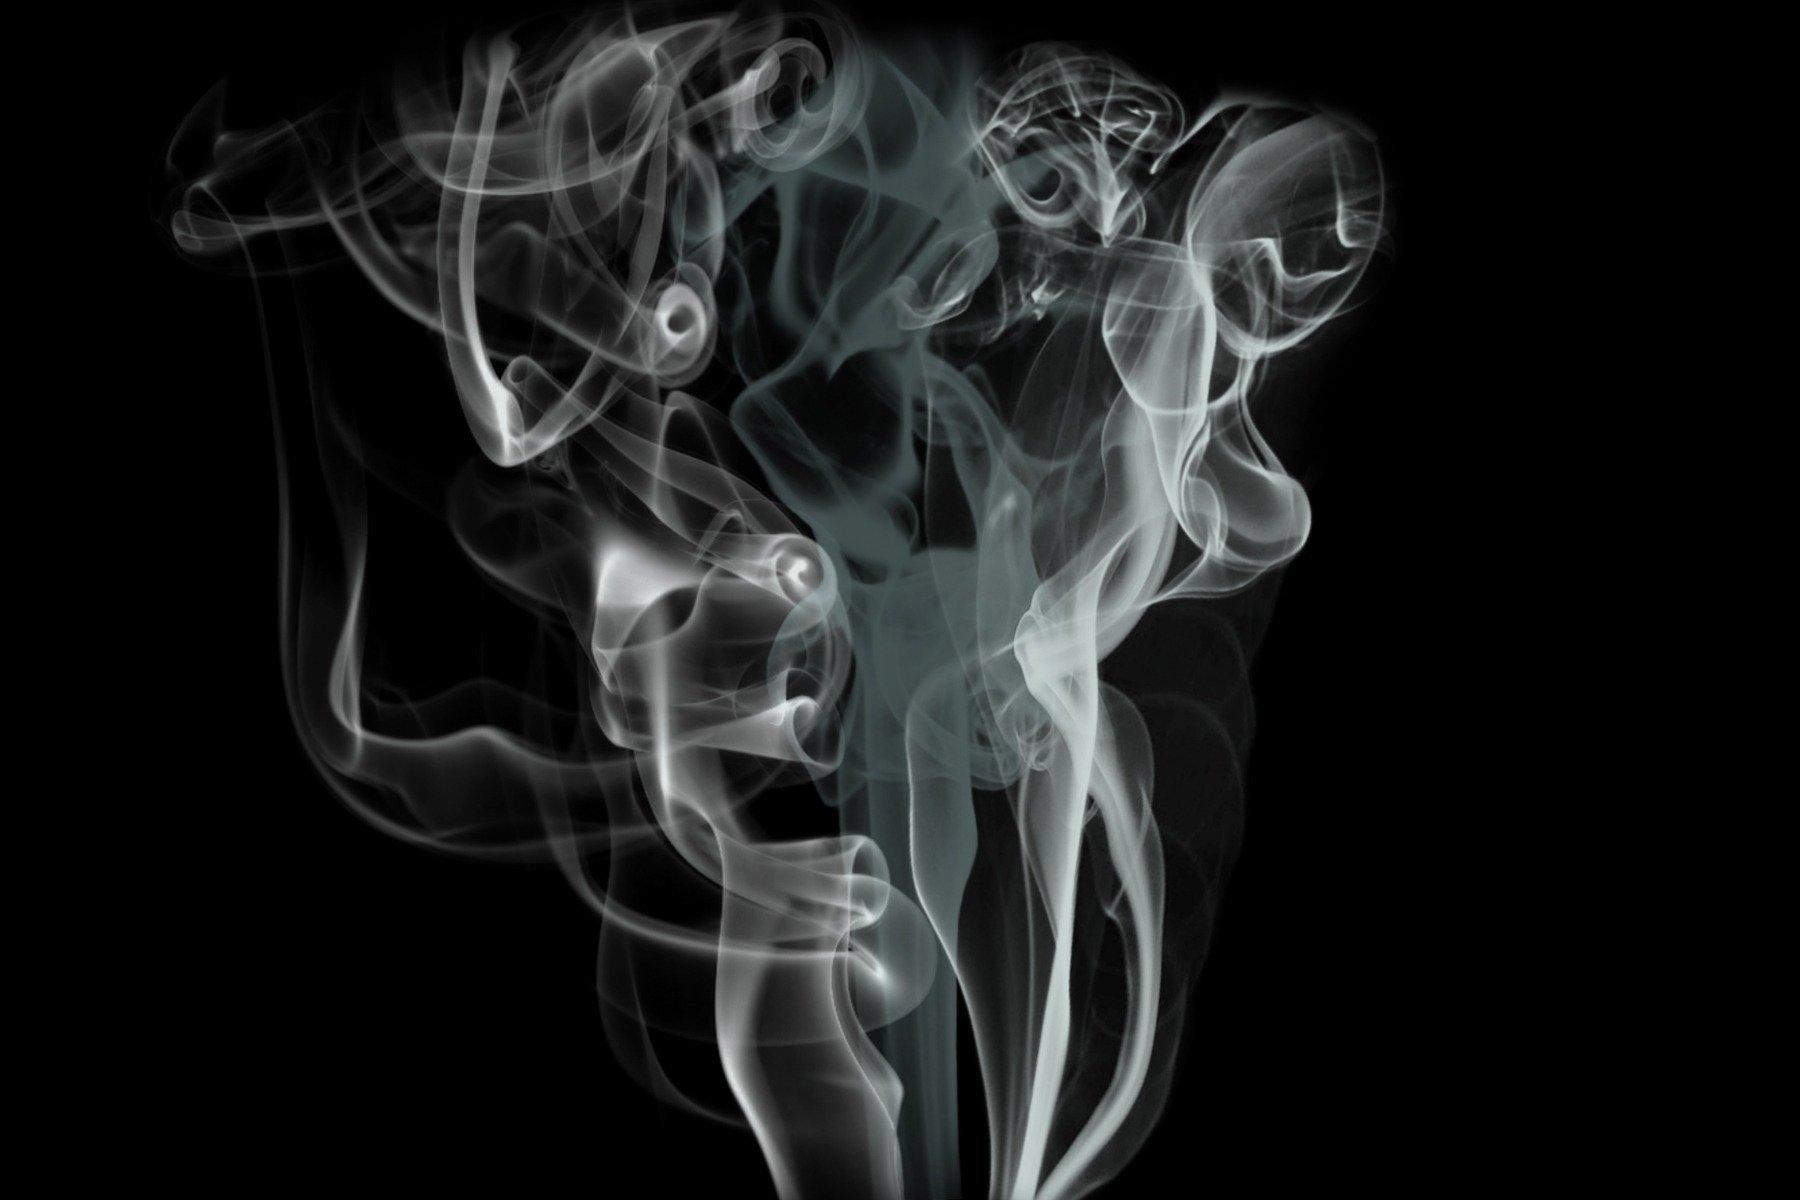 Rauchen kann zu begrenzen die Fähigkeit des Körpers zur Bekämpfung der gefährlichen form von Hautkrebs